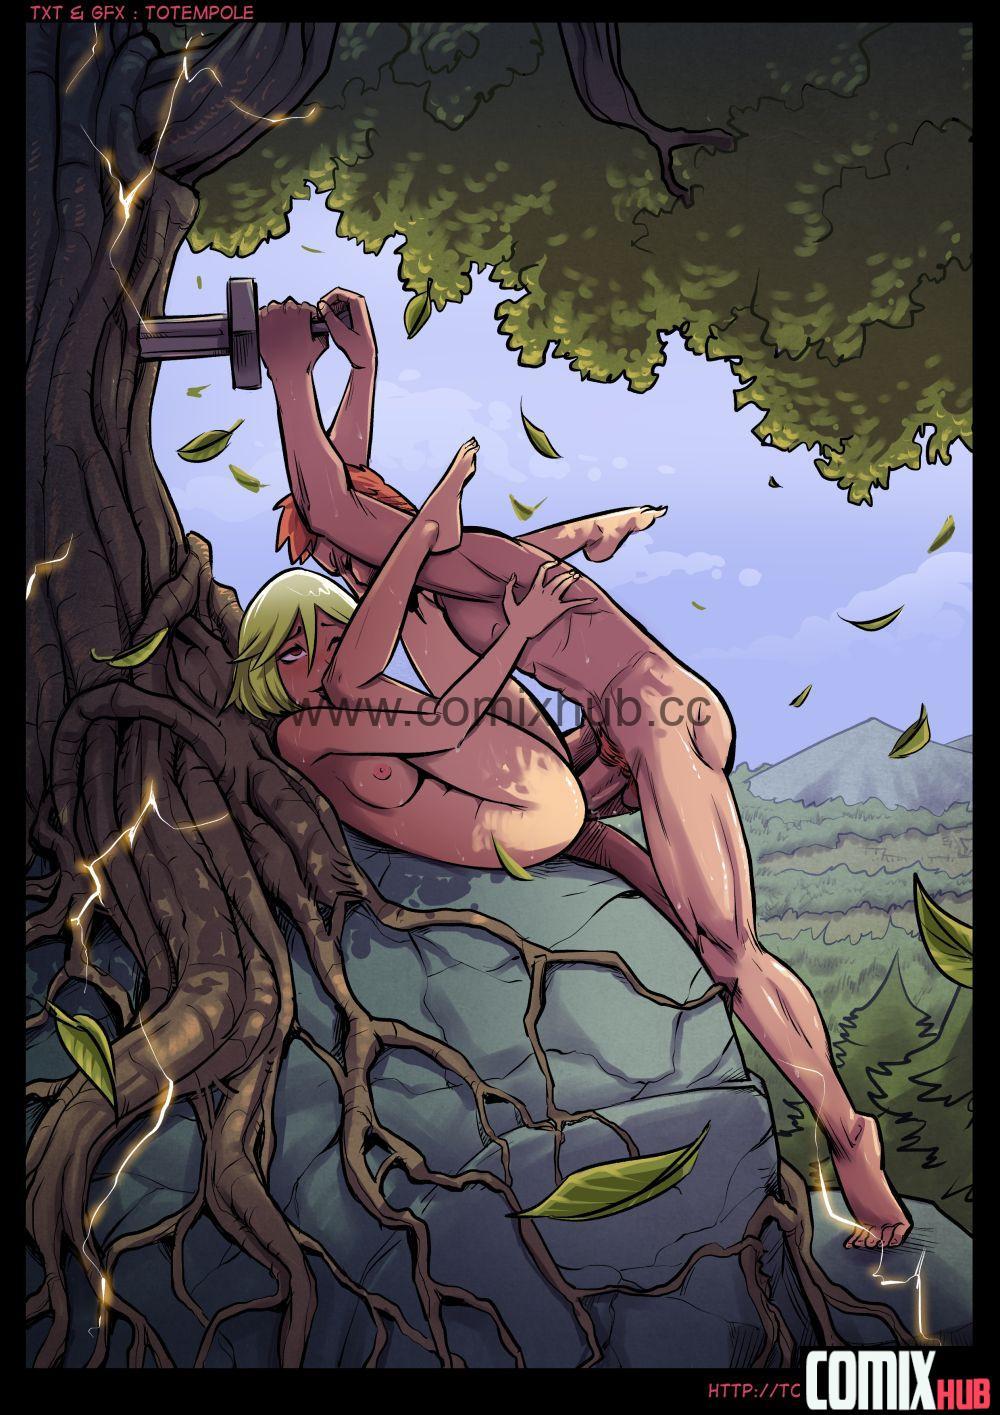 Порно комикс, Волшебница, часть 19. Демонический контракт Порно комиксы, Анал, Мастурбация, Минет, Монстры